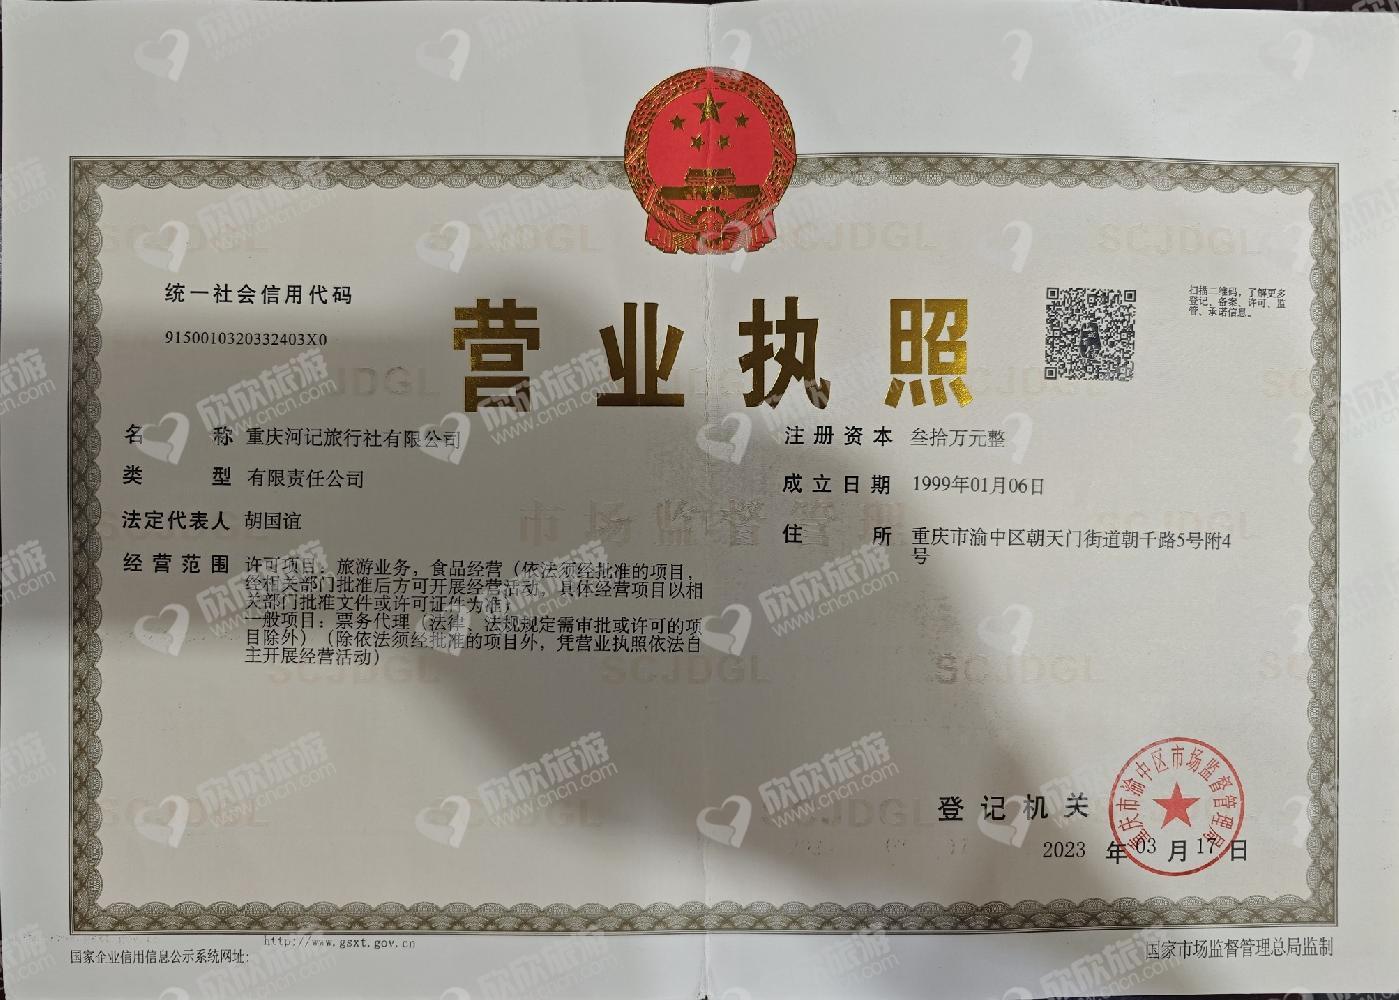 重庆河记旅行社有限公司营业执照